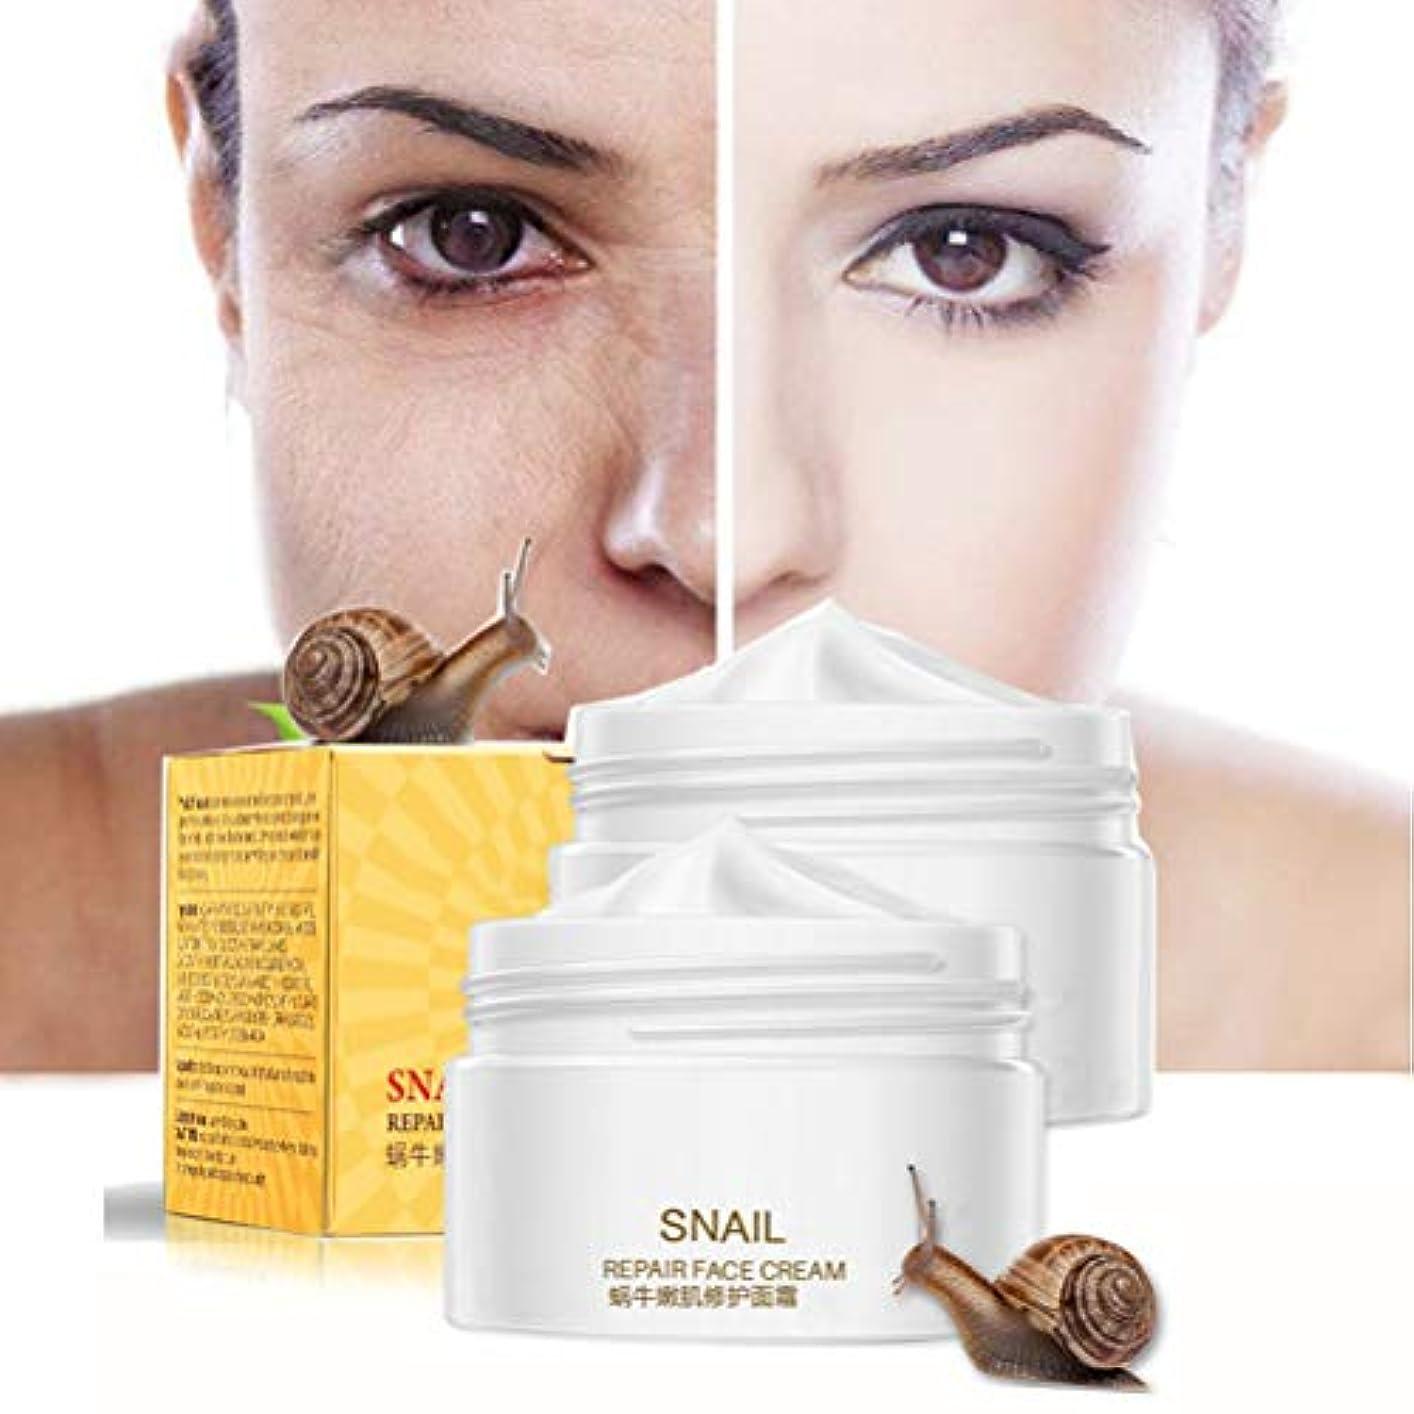 統合する殺人修復Creacom 美白クリーム 色素沈着 除去 美白 ホワイトニング 保湿クリーム 斑点を除去し 毛穴縮小 肌に栄養を与え 乾燥肌 敏感肌 おすすめ 美容成分 美白 クリーム